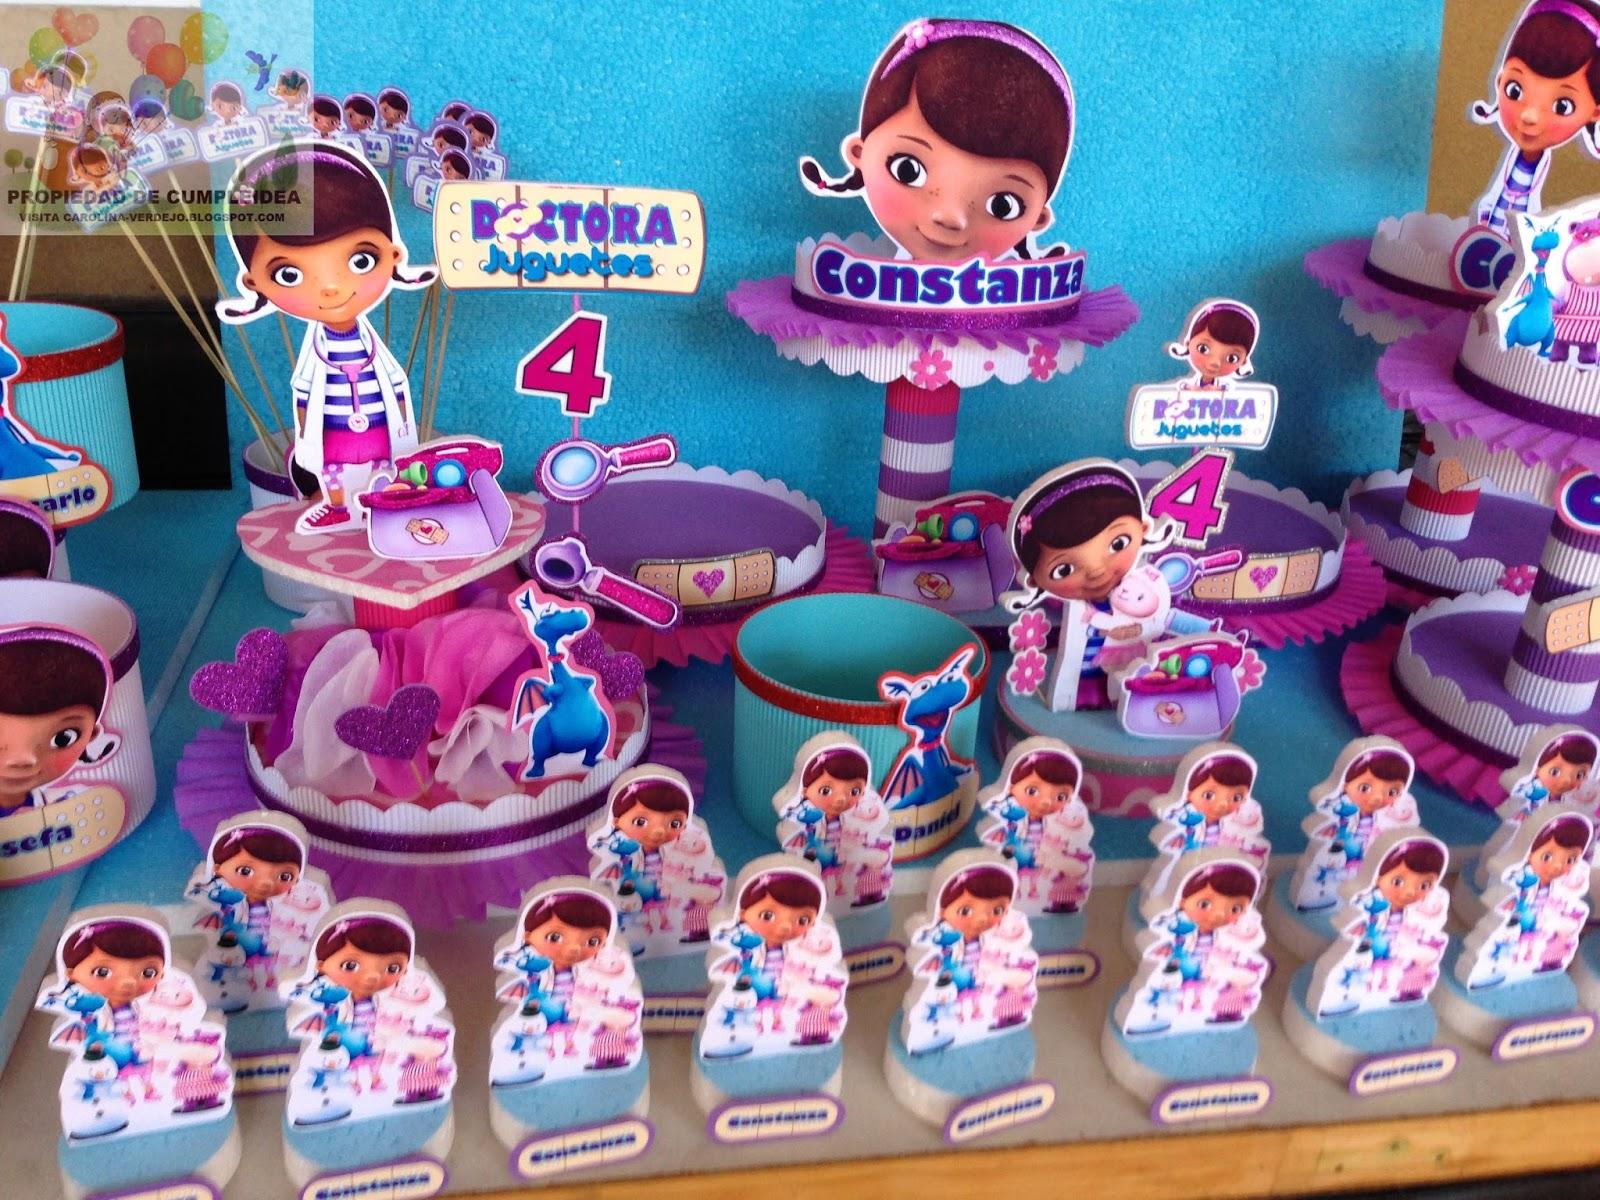 Decoraciones infantiles doctora juguetes - Adornos para fotos gratis ...